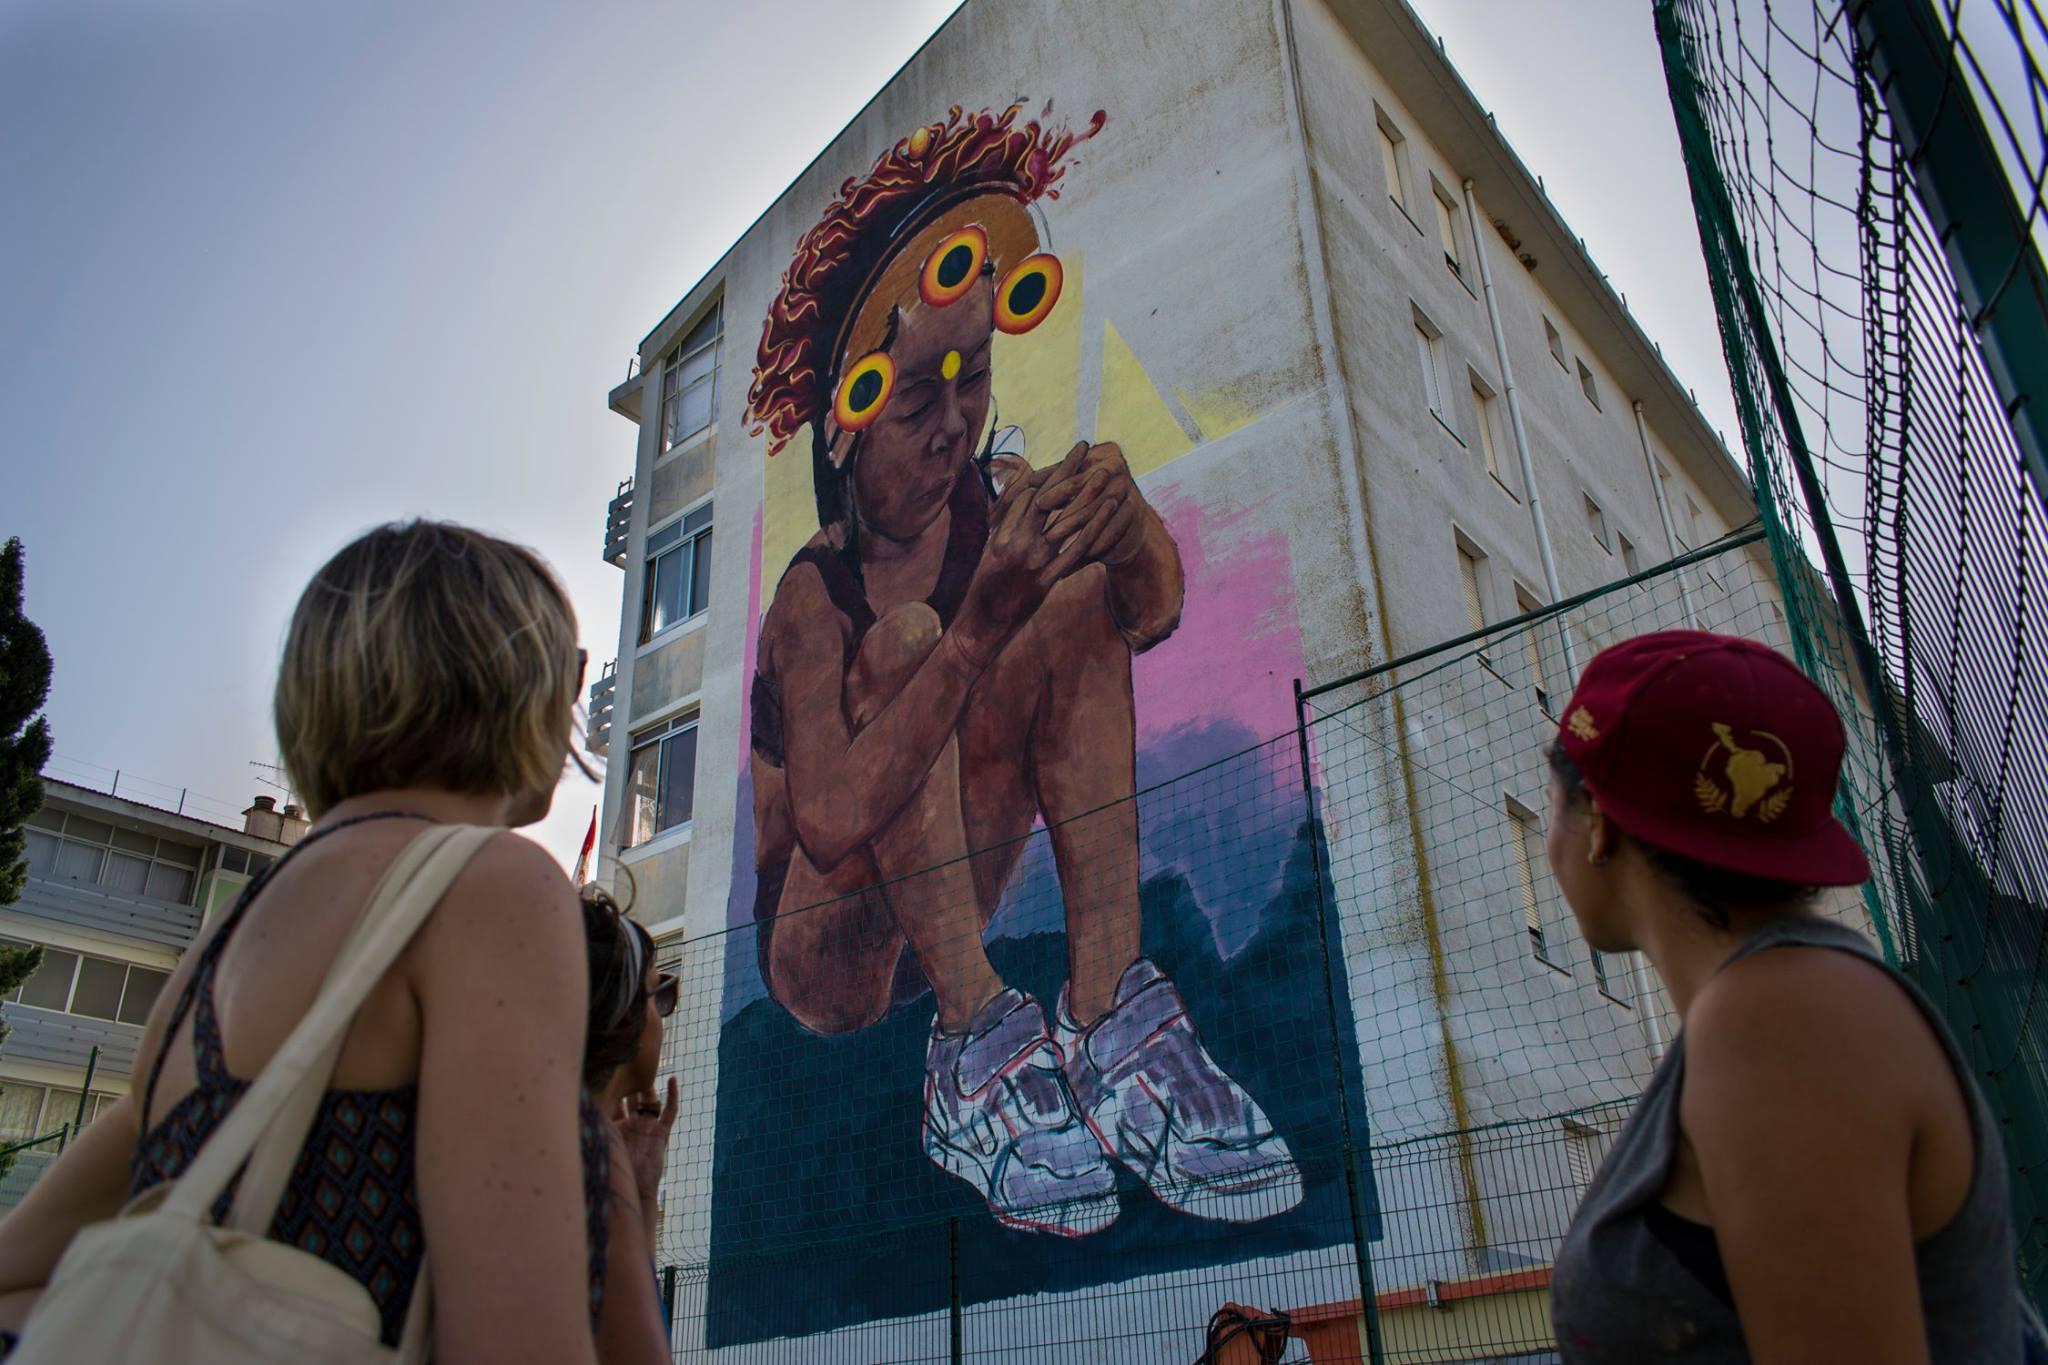 muro festival arte urbana marvila lisboa 2017 (1)